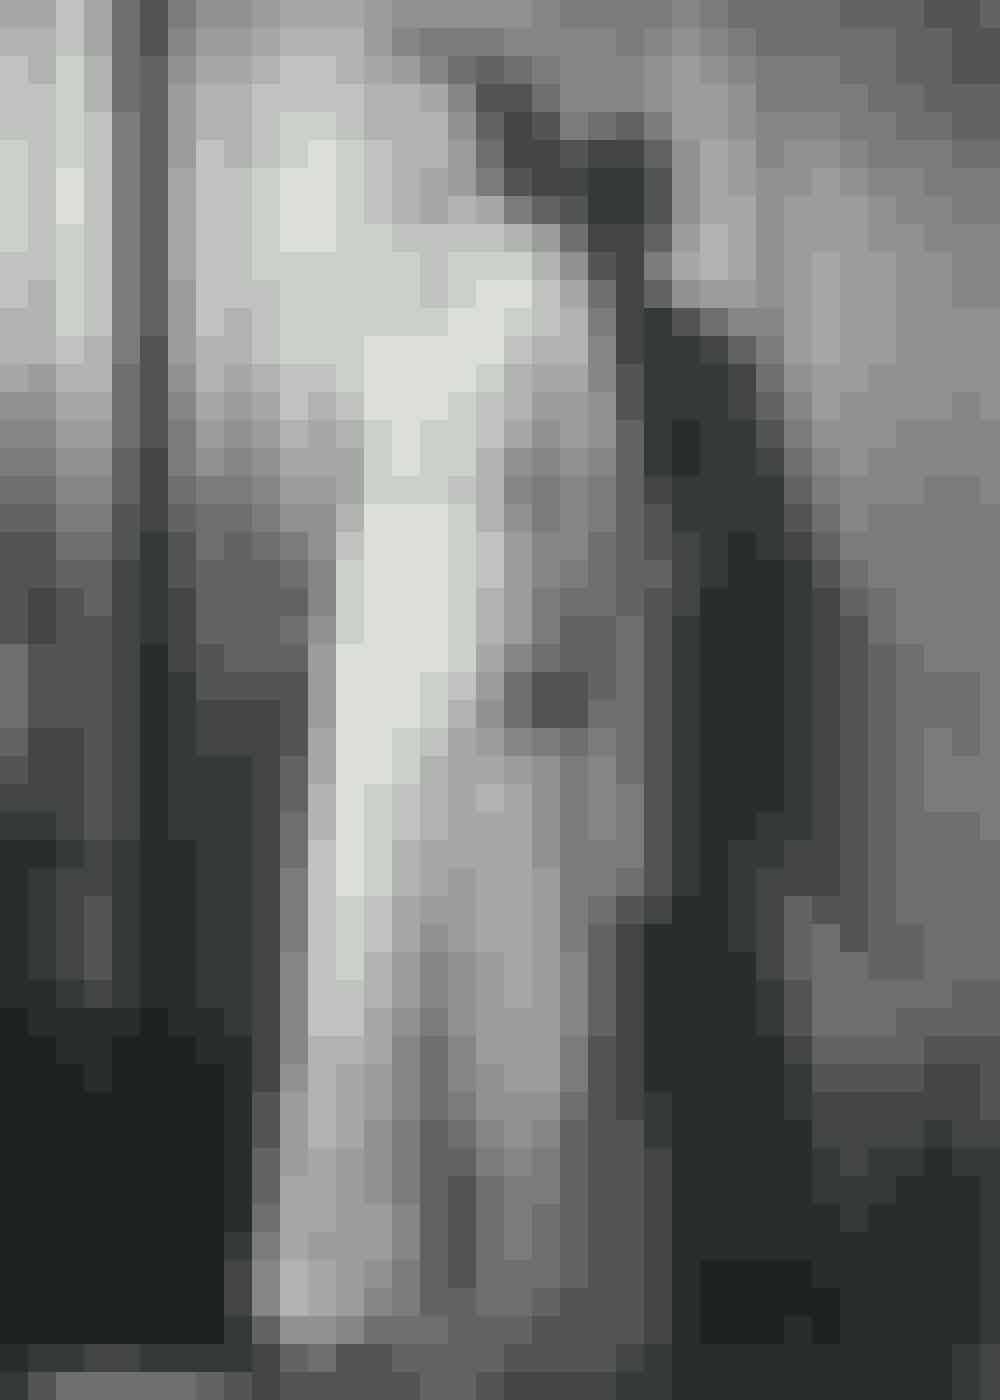 Grace KellyHun var den feminine og elegante stils stærkeste fanebærere i sine altid fine kjoler. Grace Kelly, der gik fra at være filmstjerne til fyrstinde af Monaco, bar desuden ofte en skulpturel Hermès-taske, modehuset senere opkaldte efter hende. Og 'Kelly'-tasken er lige så fornem som hende – med flere års ventetid og en minimumspris på 40.000 kr.